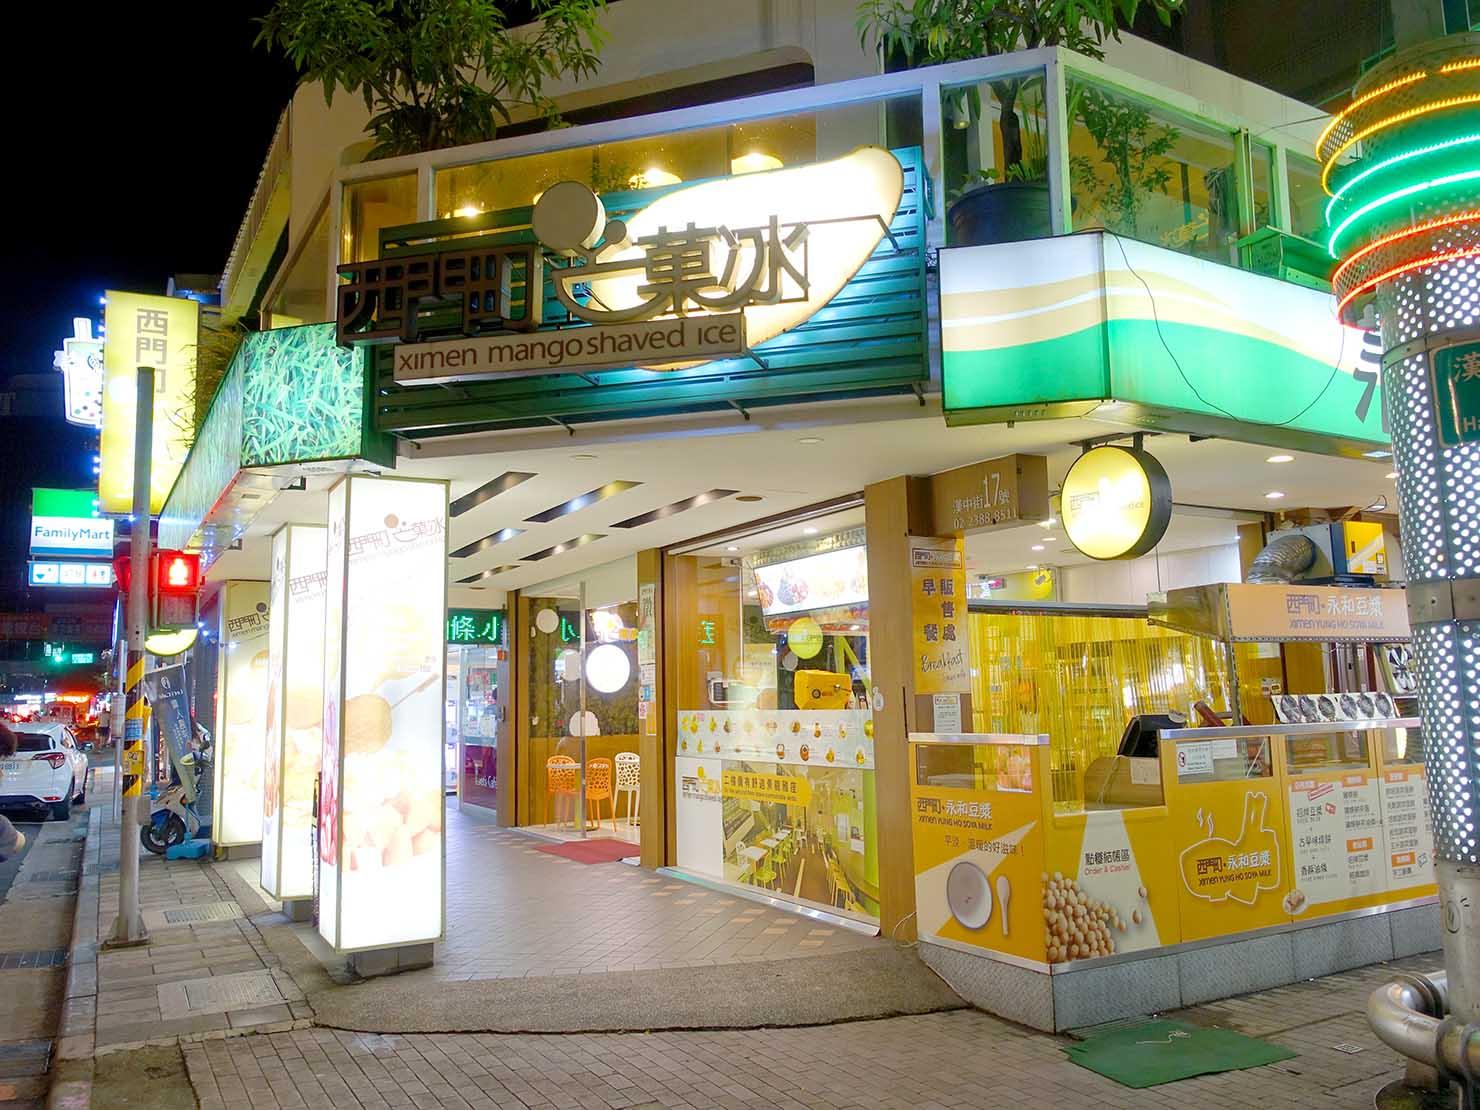 台北・西門町のおすすめひんやりスイーツ店「西門町芒果冰」の外観